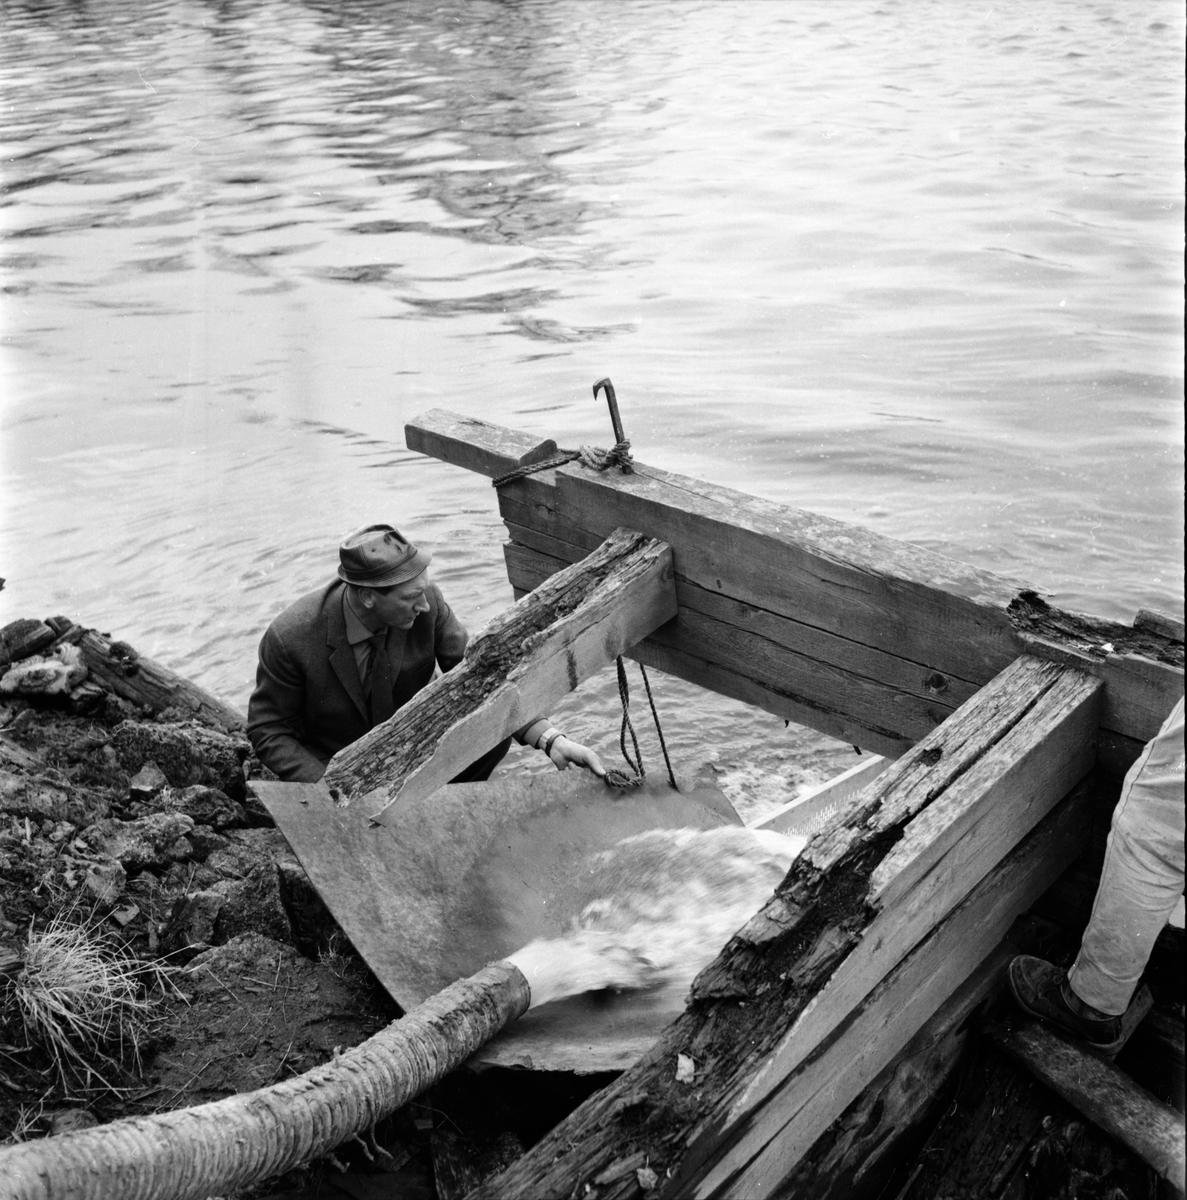 Laxyngelutsläpp i Ljusne. 24/4-1962